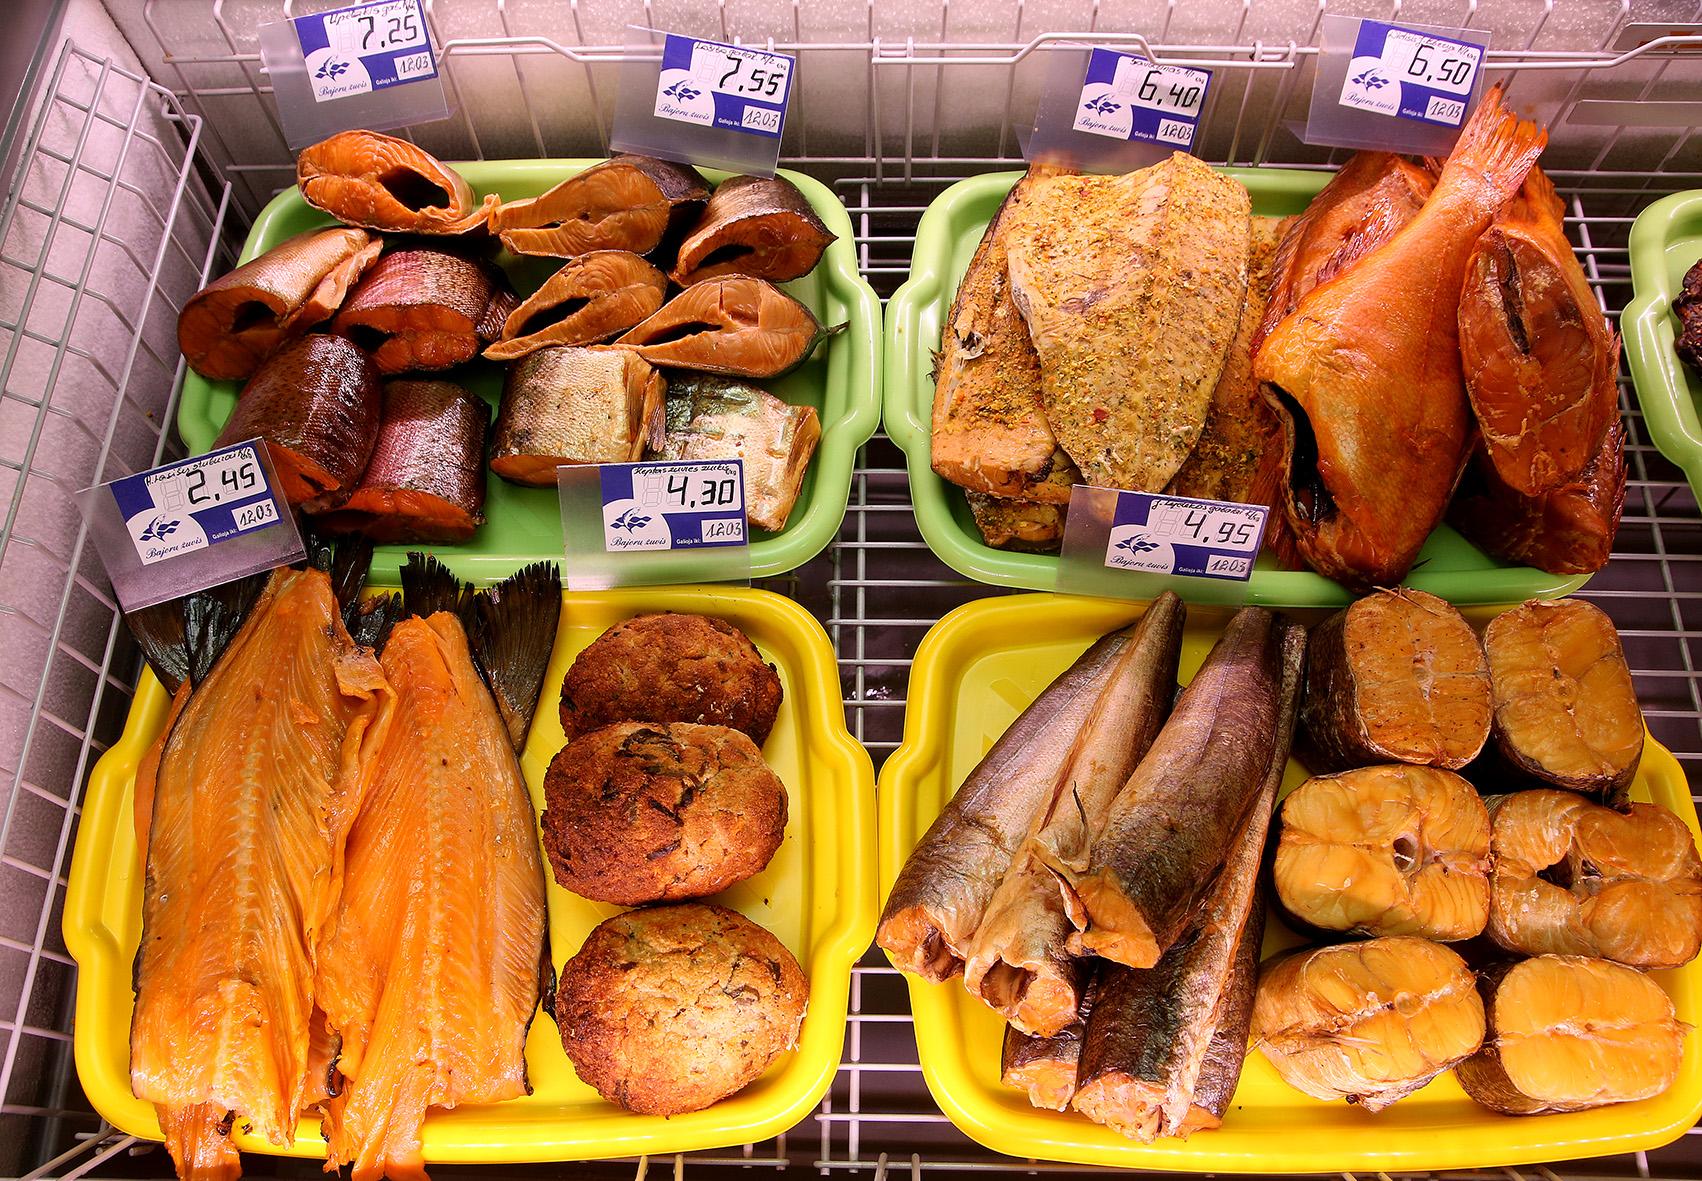 """Žuvies parduotuvė """"Bajorų žuvis"""" pirkėjams siūlo aukštos kokybės, be jokių sintetinių maisto priedų žuvis ir jos produktus. / A. Barzdžiaus nuotr."""